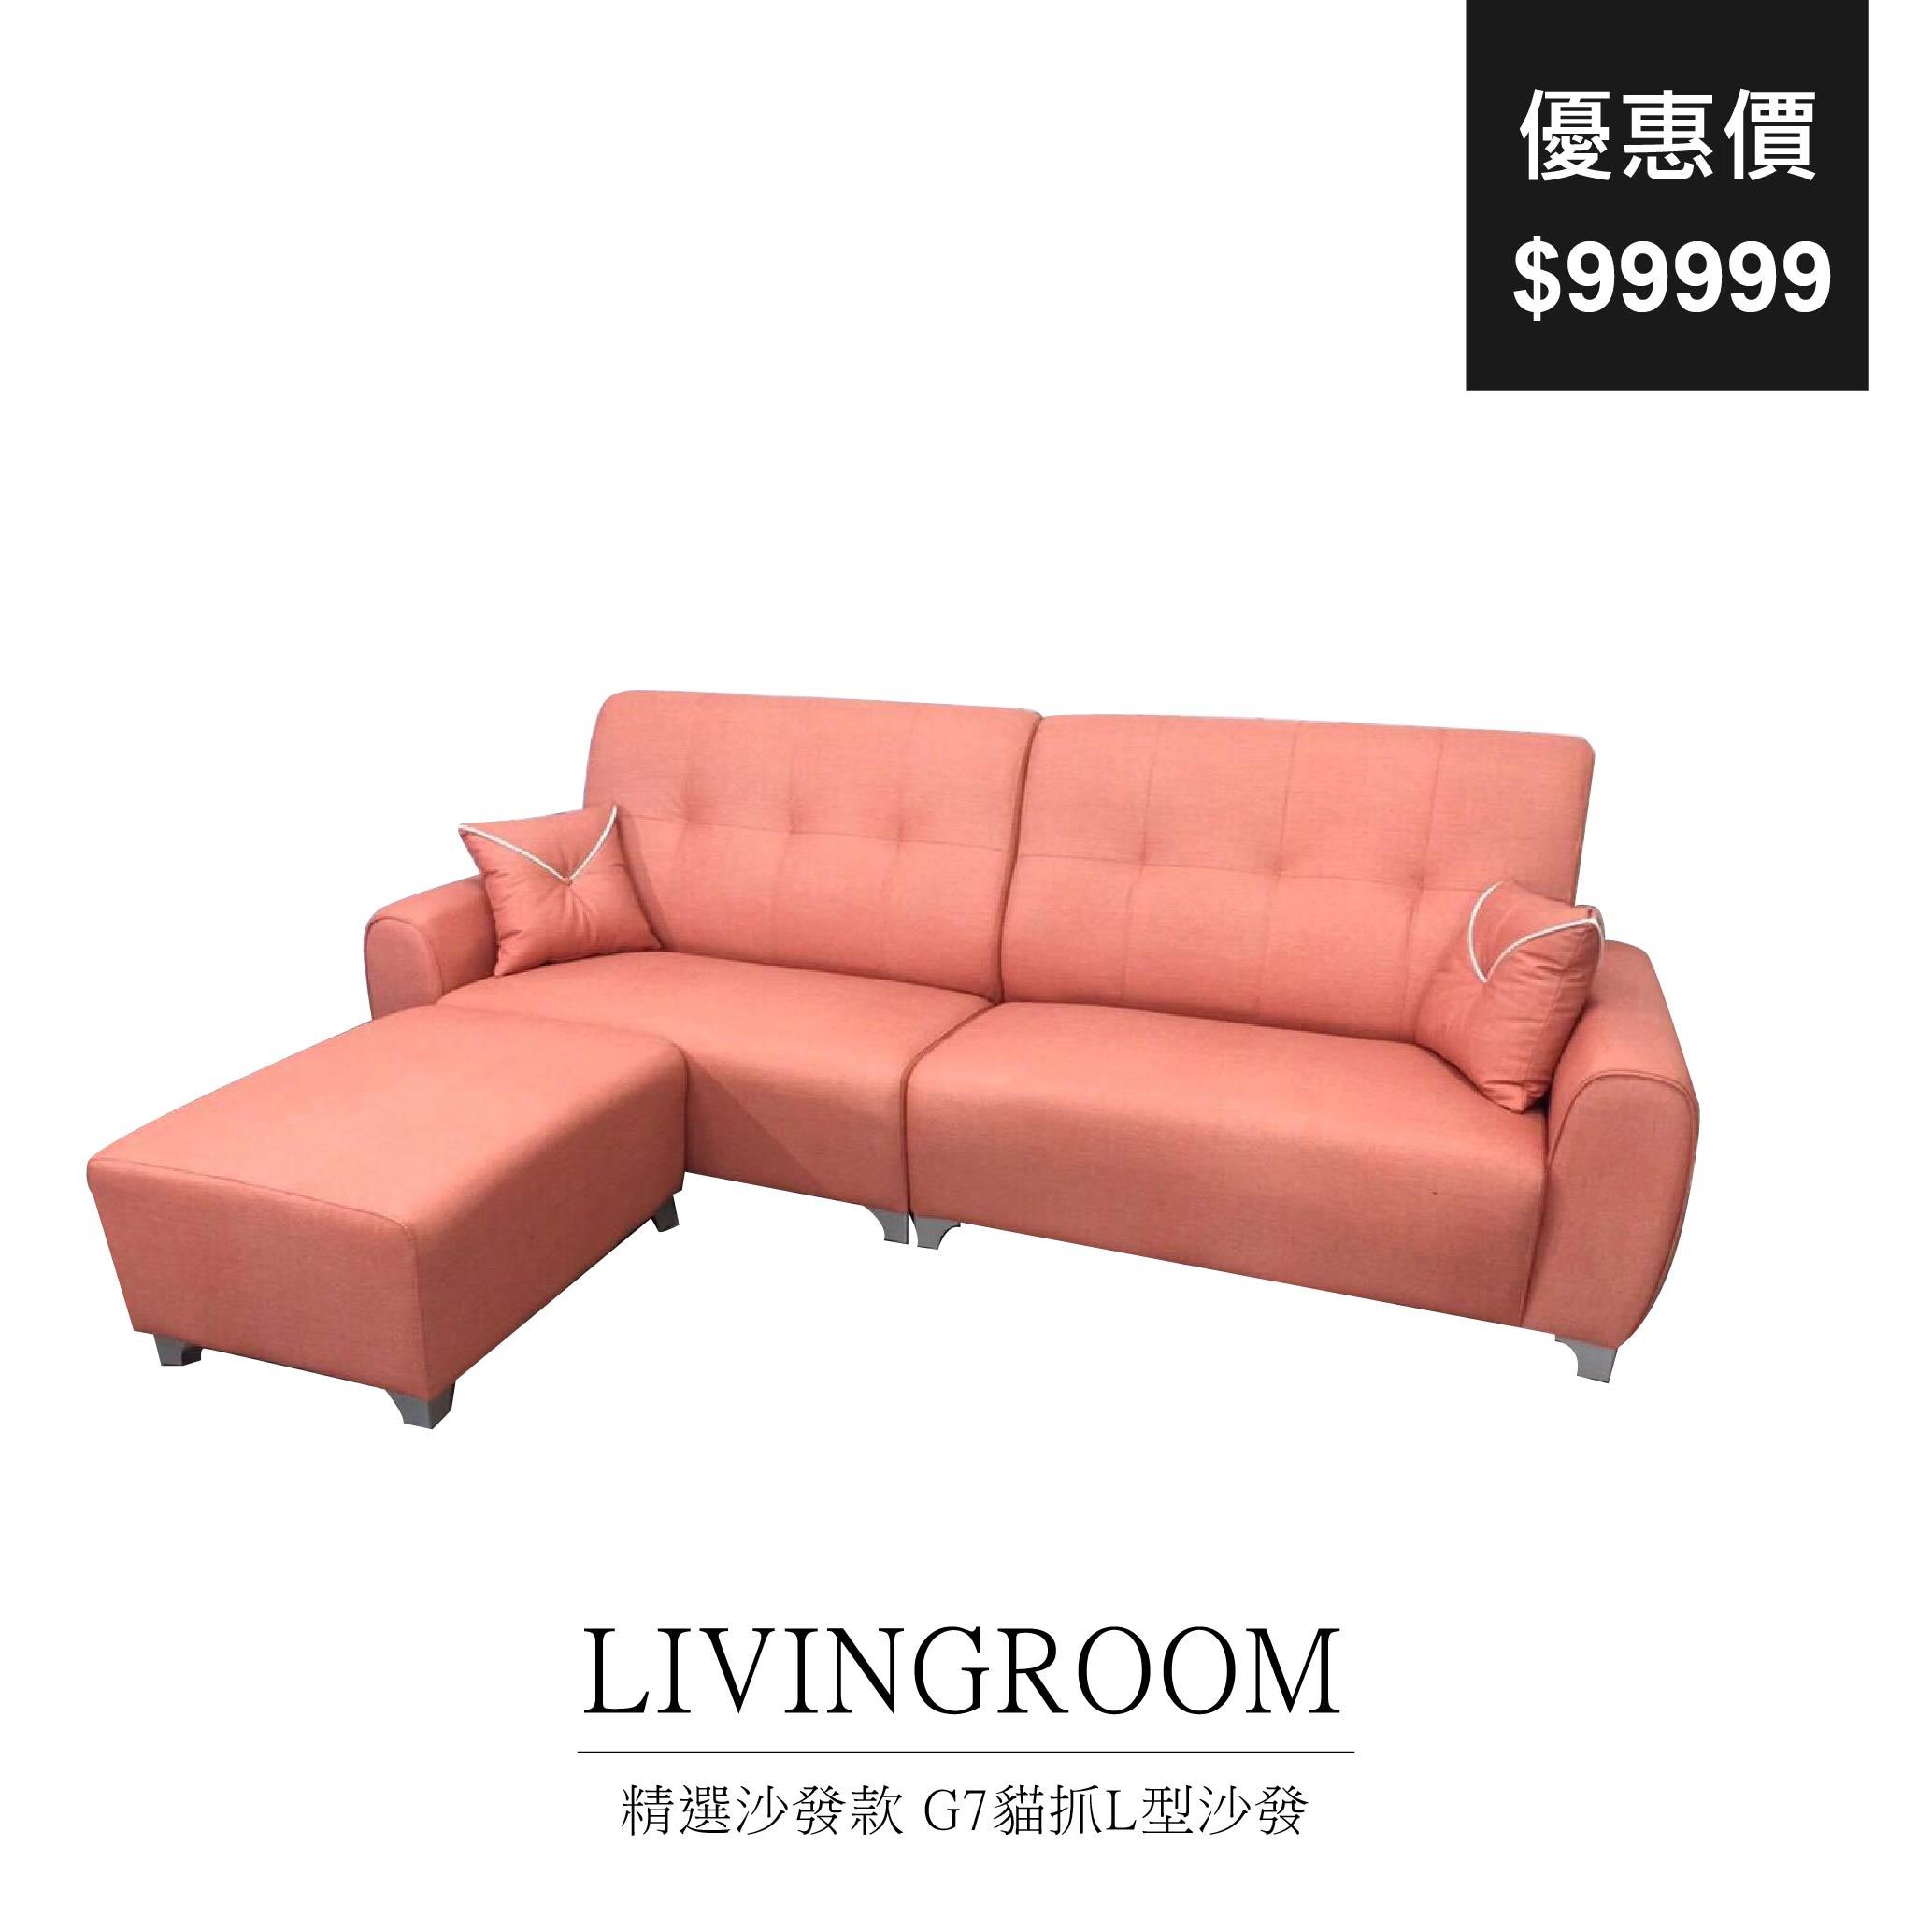 精選沙發款 G7貓抓L型沙發